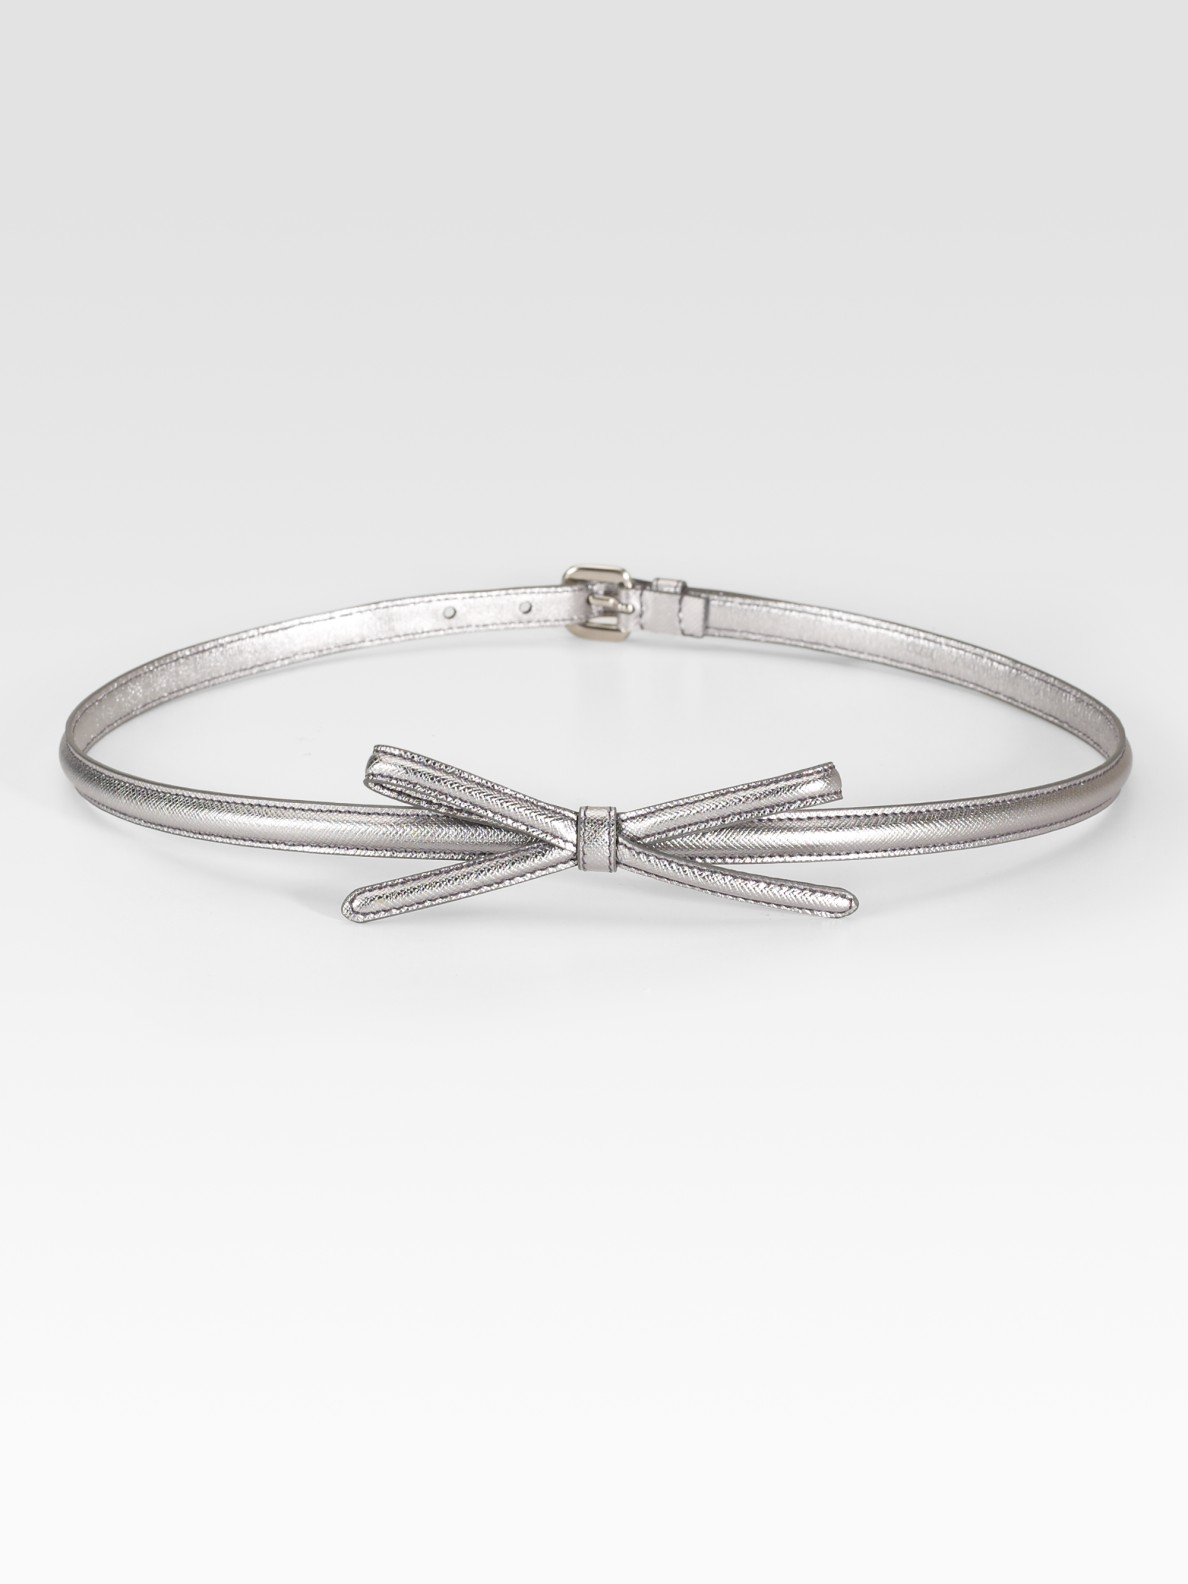 Prada Saffiano Leather Bow Belt in Silver | Lyst